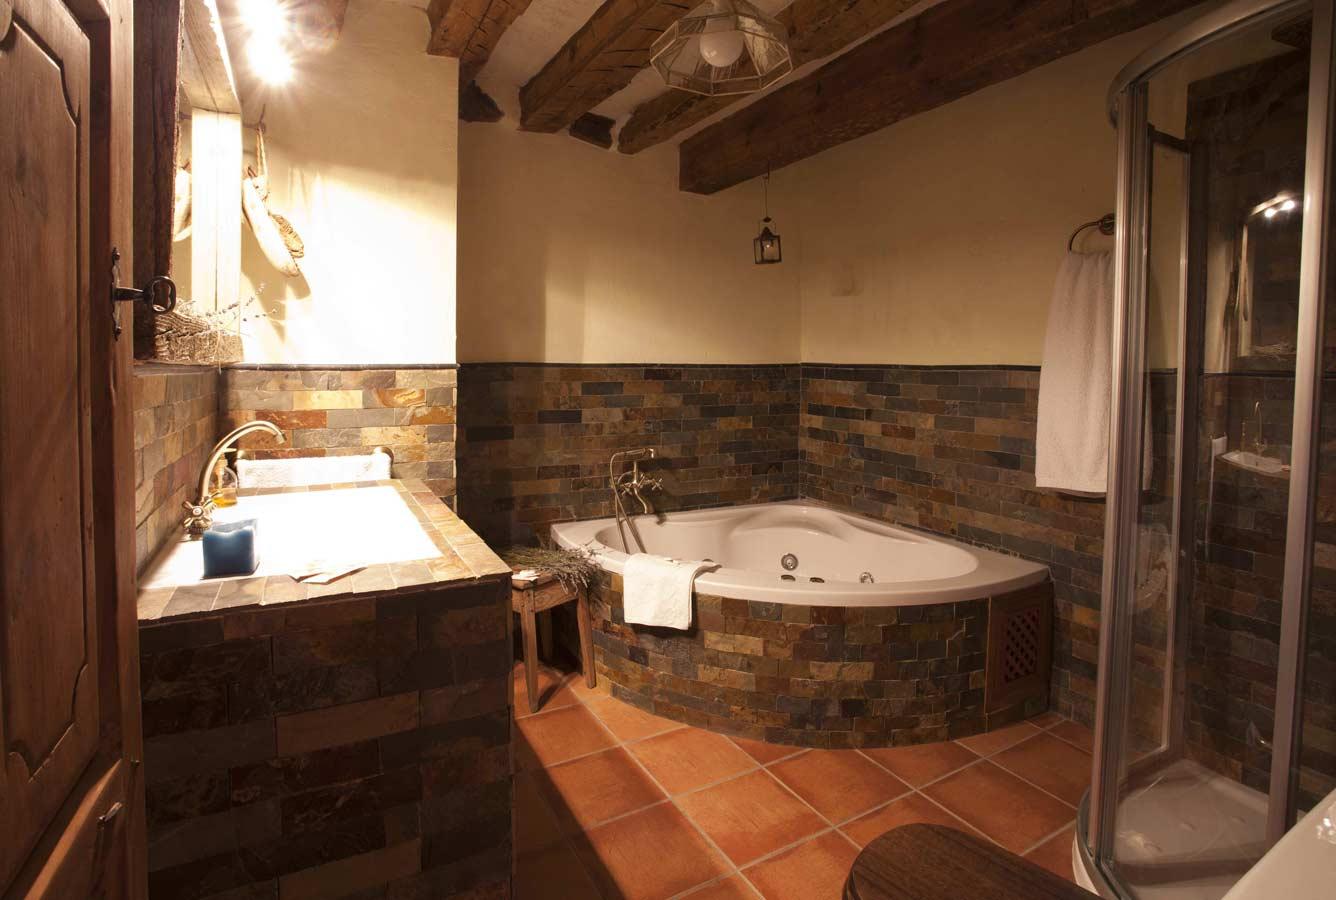 Casa rural serran a for Bano con jacuzzi y ducha planos